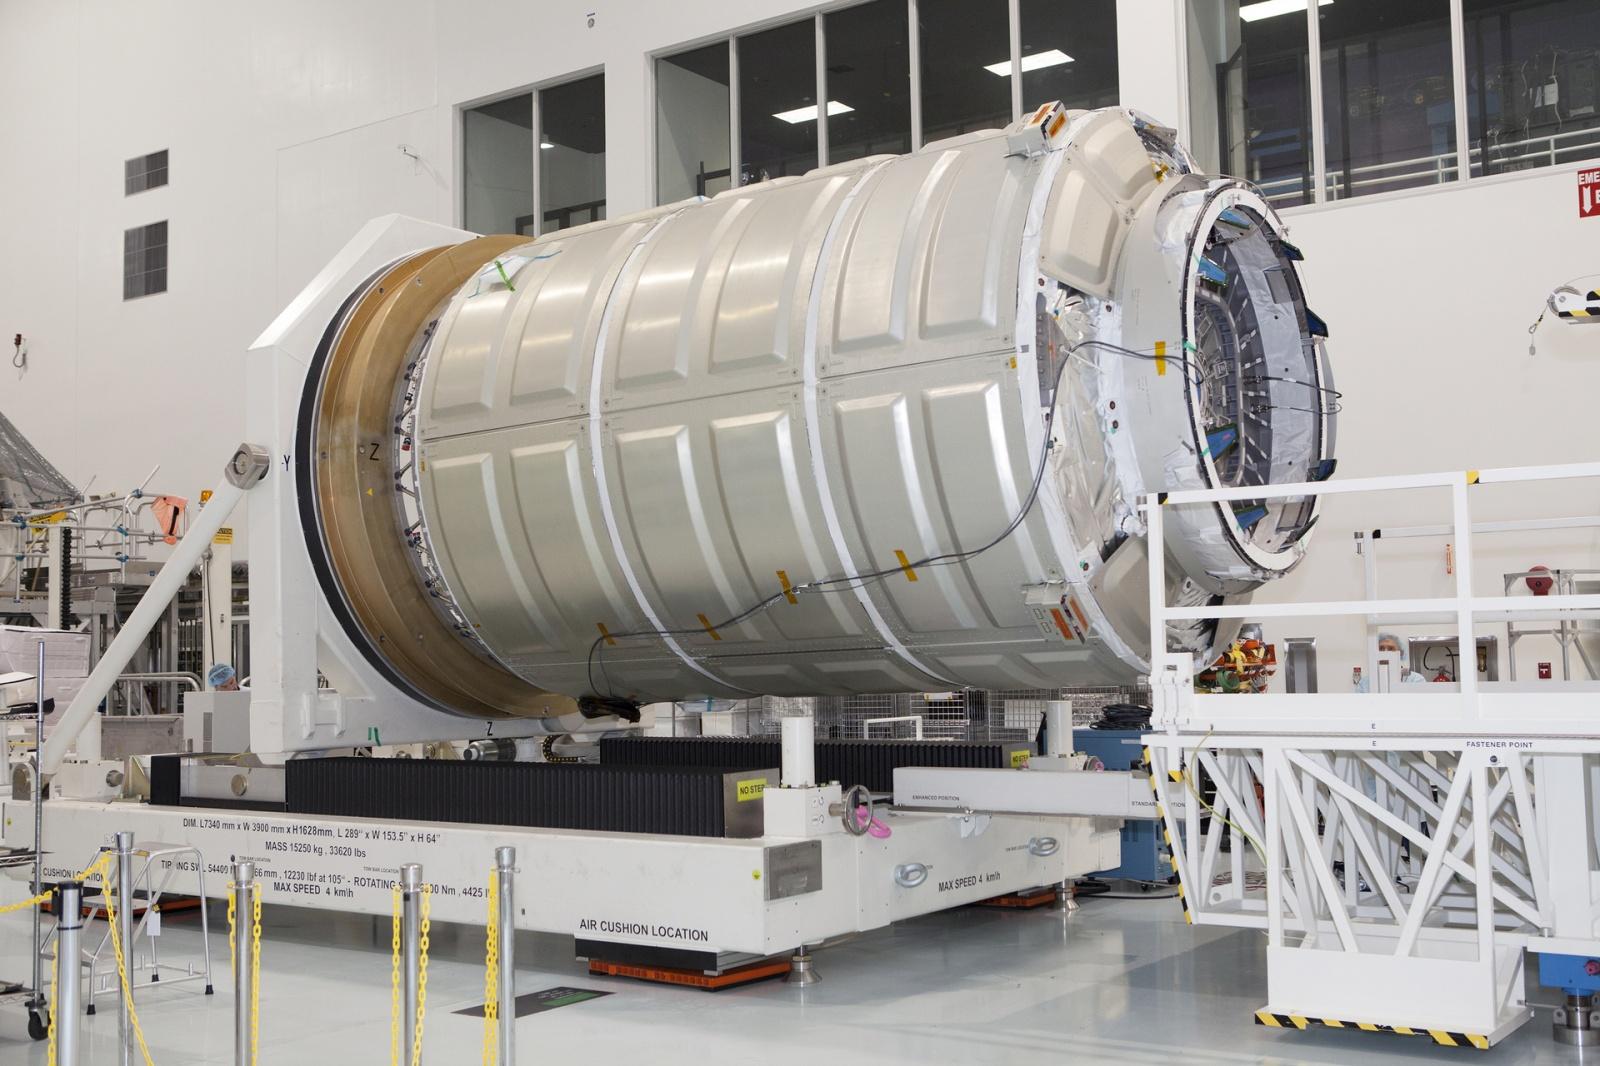 [Старт отложен] Запуск космического грузовика Cygnus Orb-4 к МКС намечен на 01:55 - 2